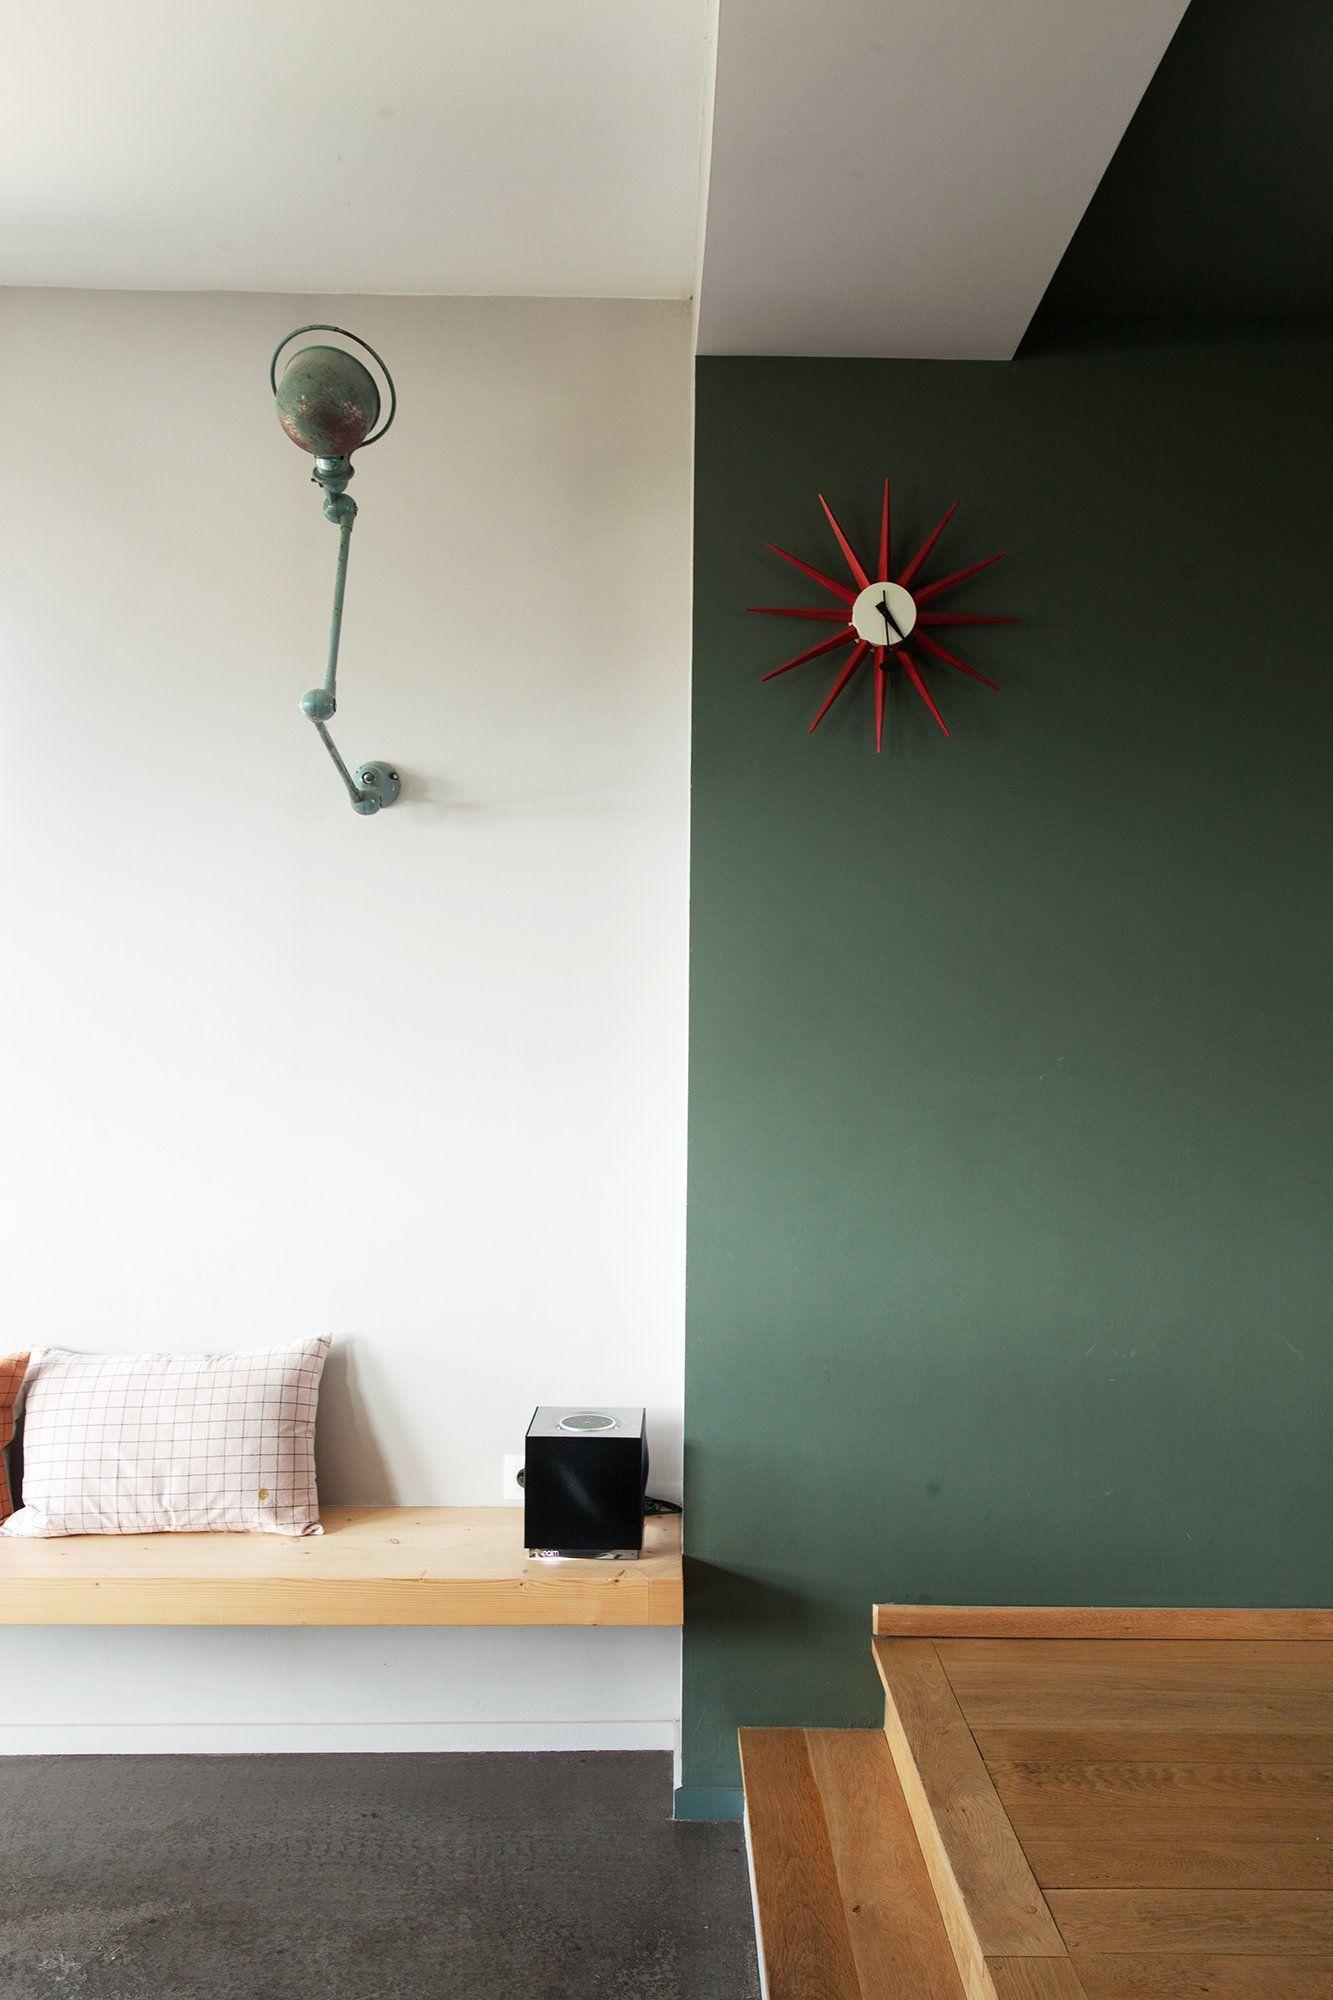 Anne Hubert Et Jeff Louise 19 Ans Violette 7 Ans En 2020 Decoration Maison Deco Peinture Salon Et Chambre Parentale Verte